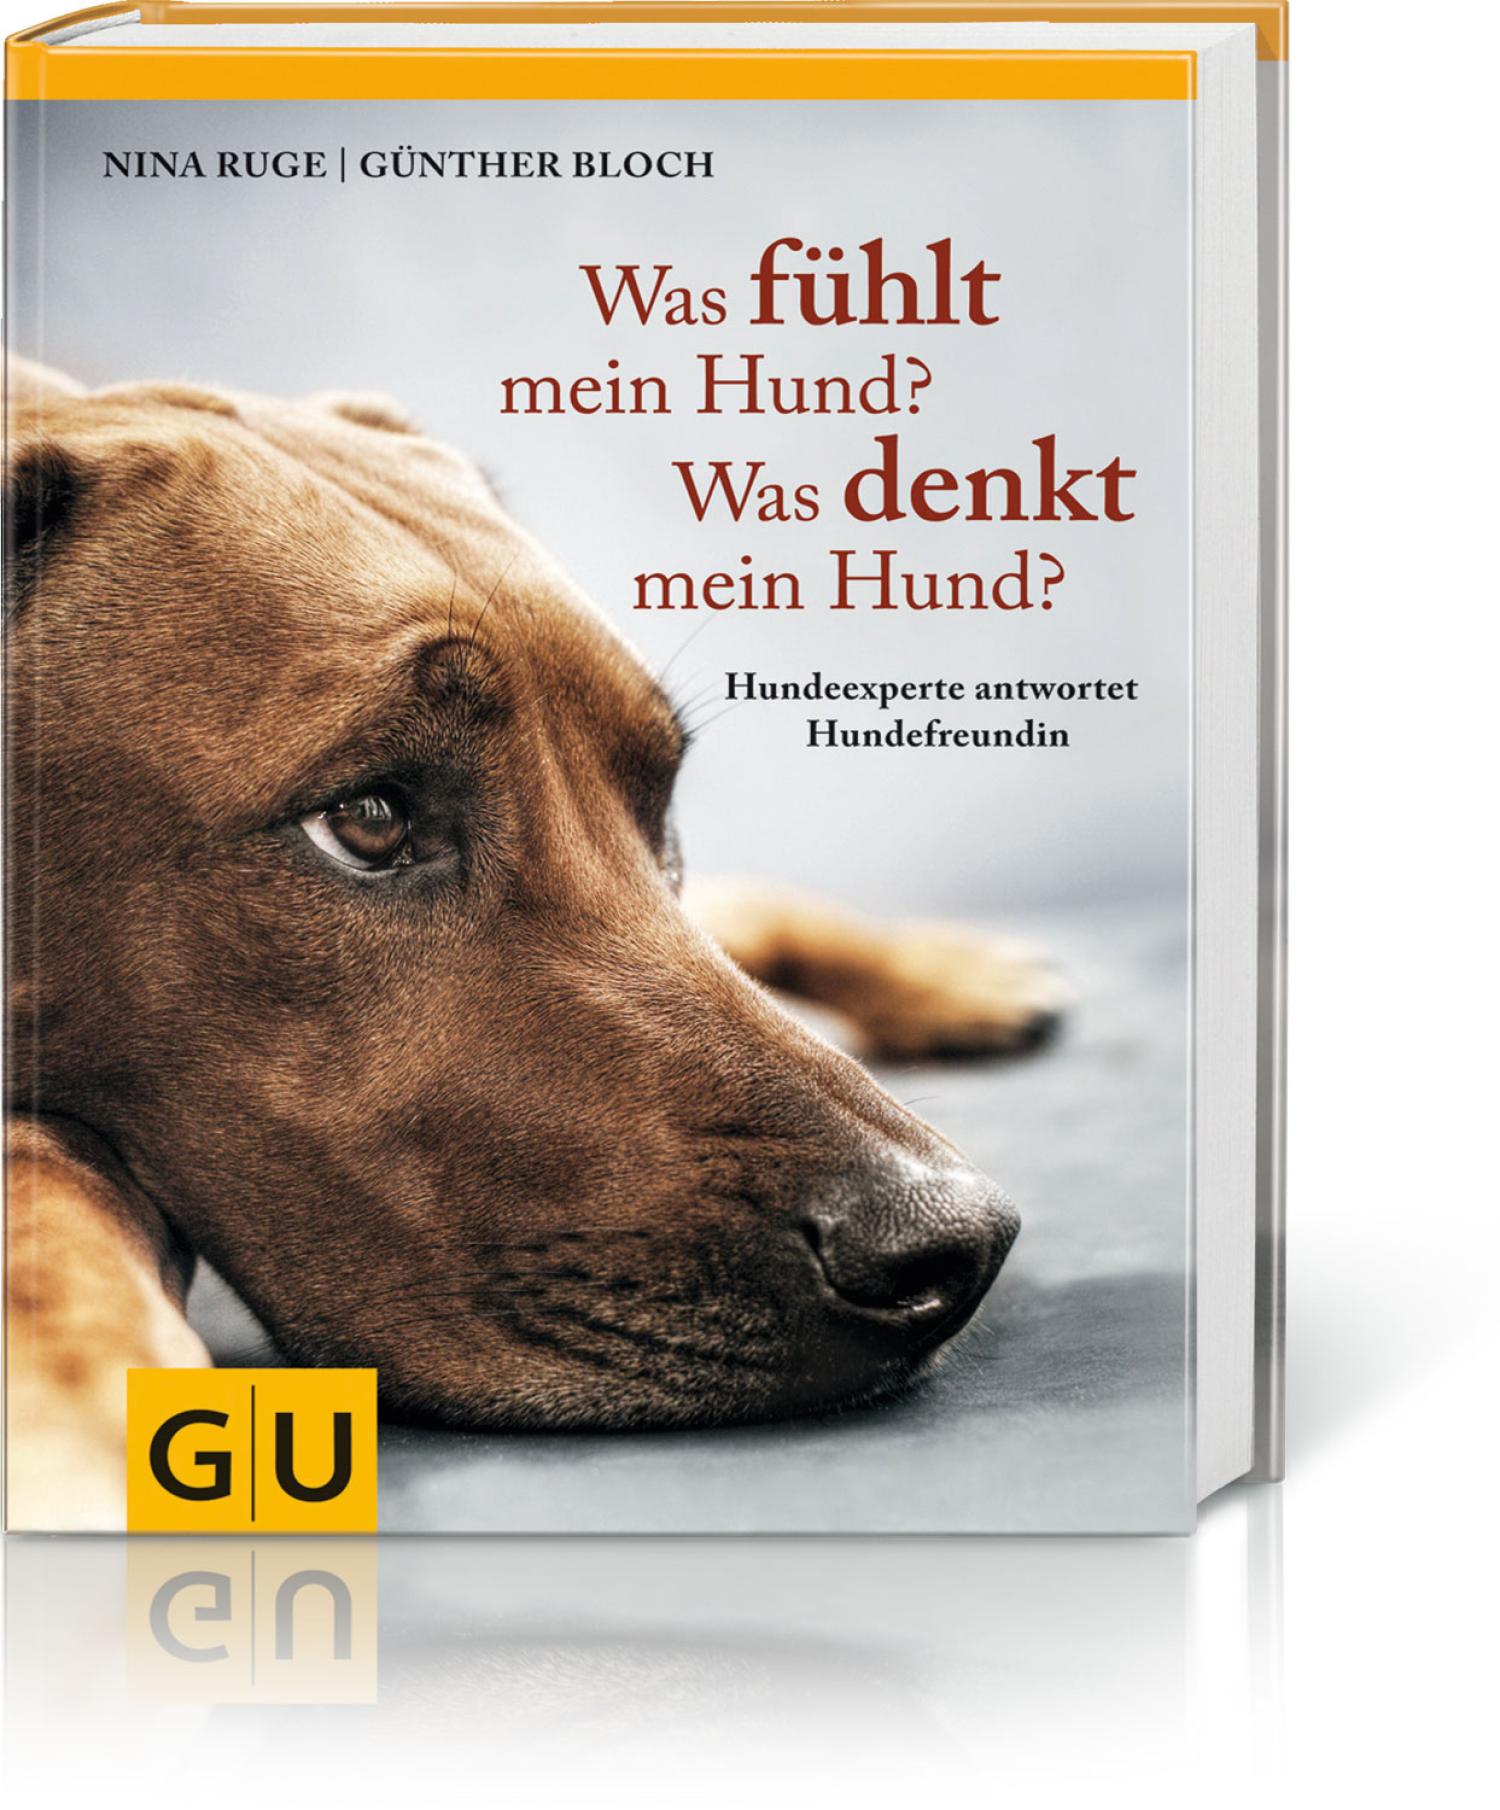 Was fühlt mein Hund? Was denkt mein Hund?, Produktbild 1